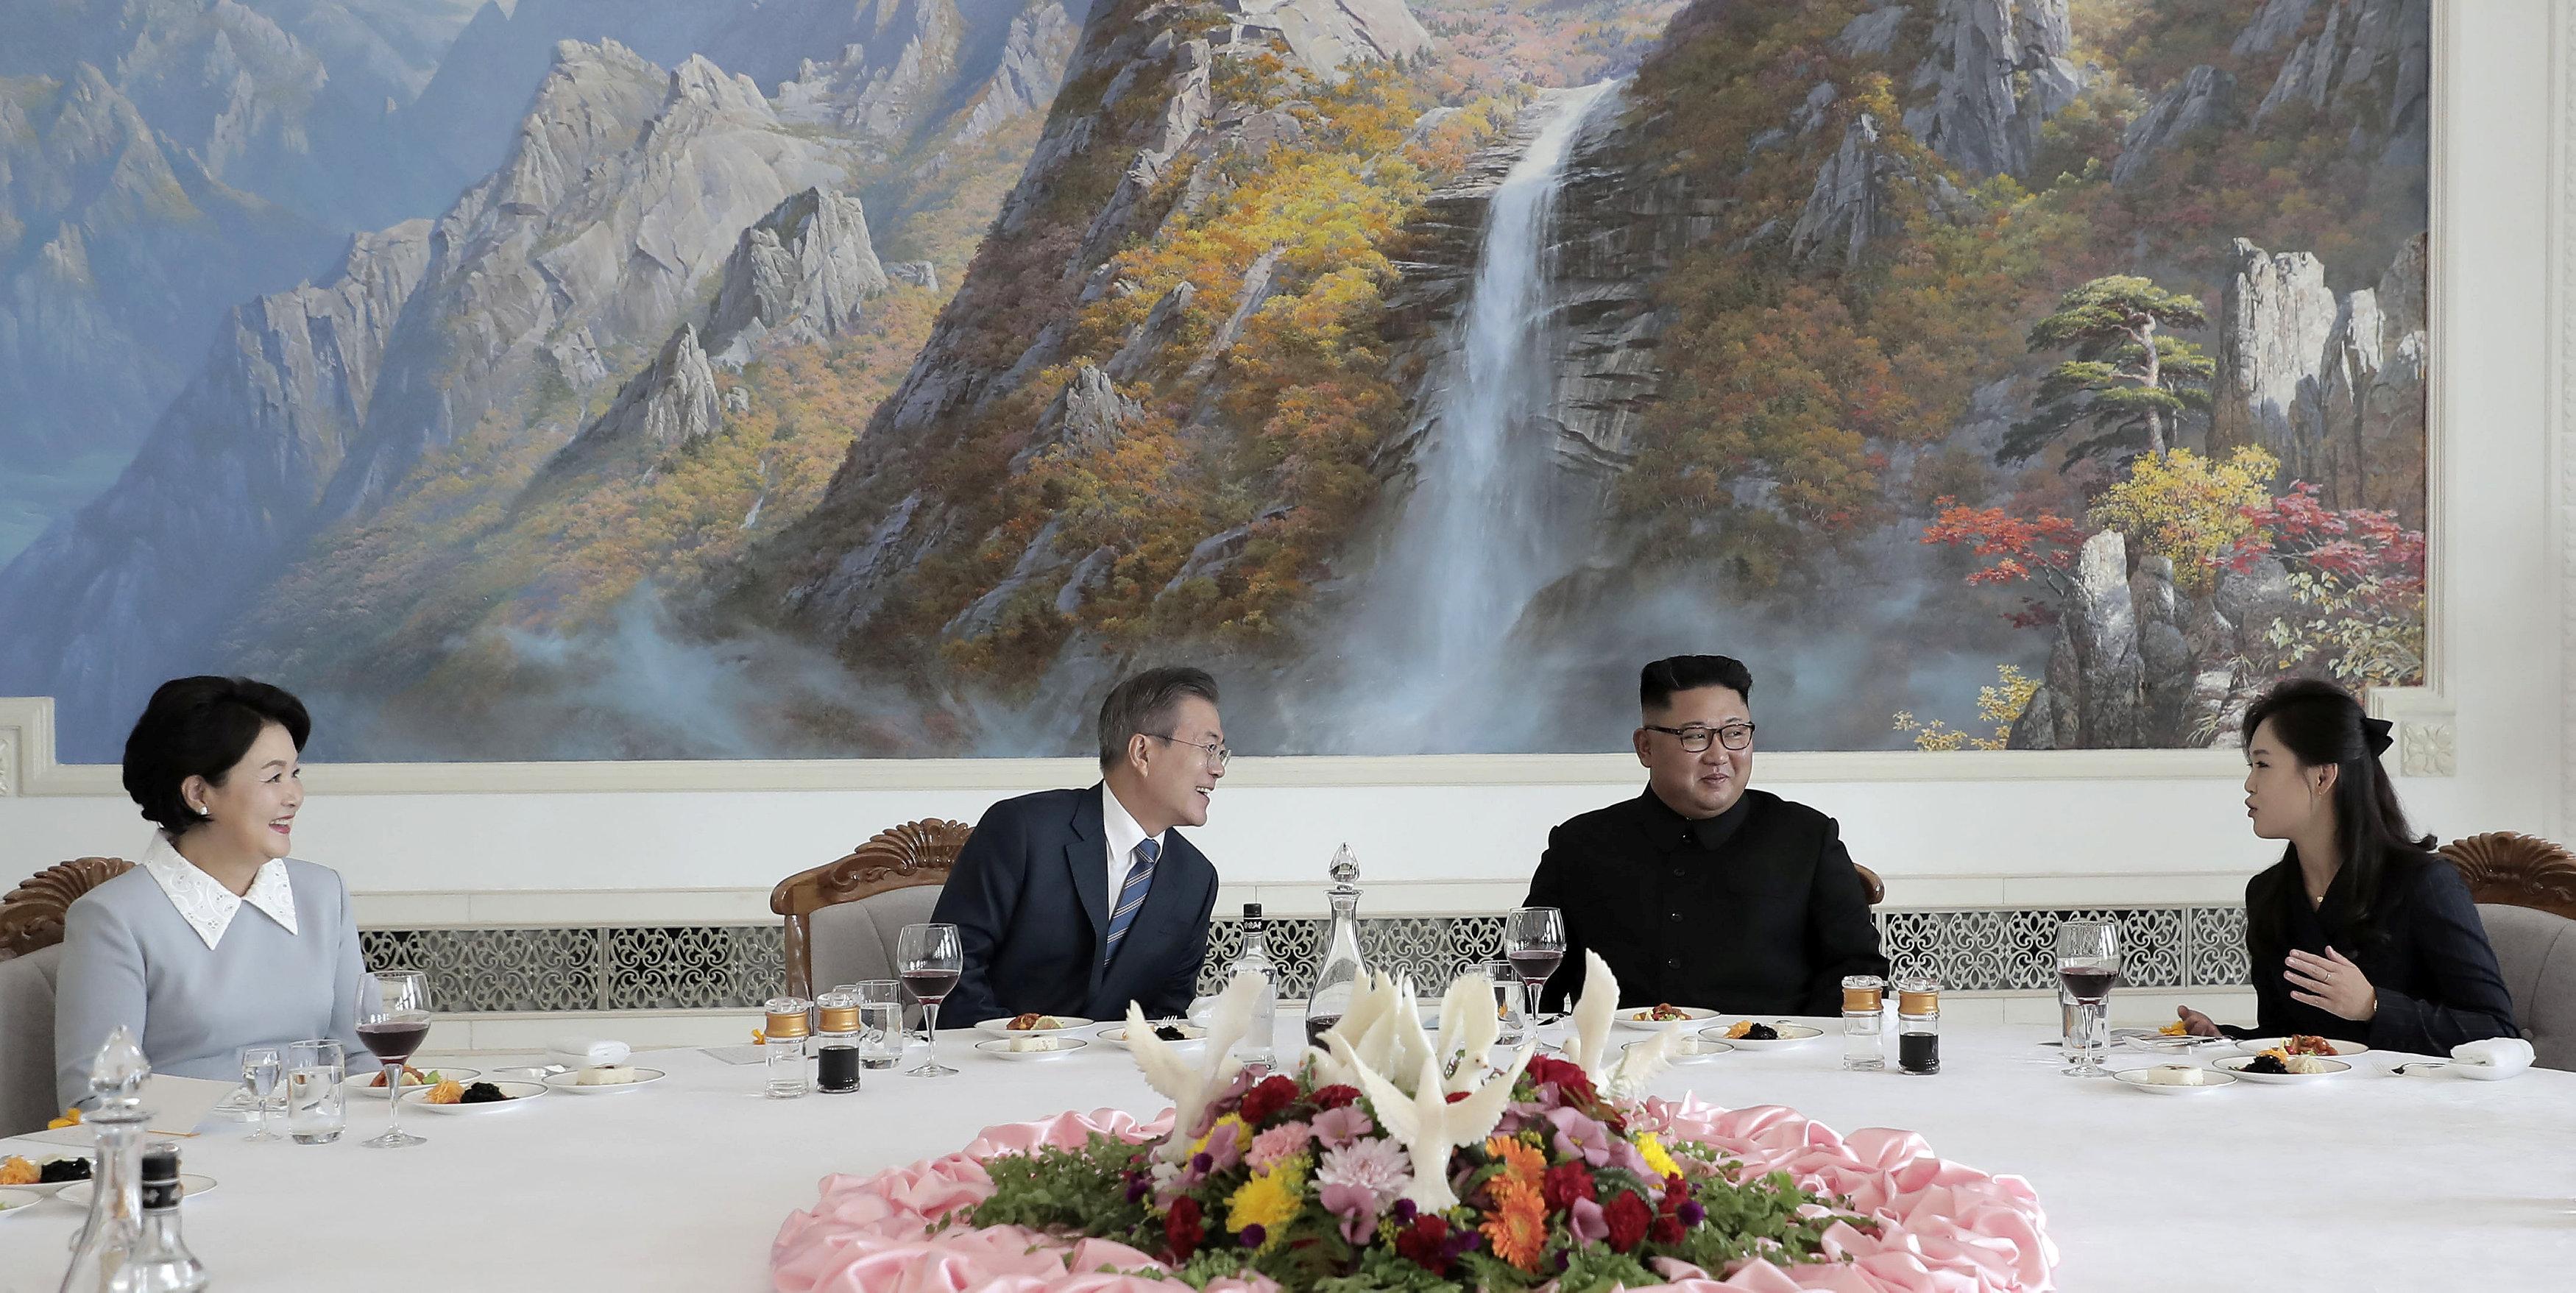 مون وكيم وحديث للسيدة الأولى فى كوريا الشمالية